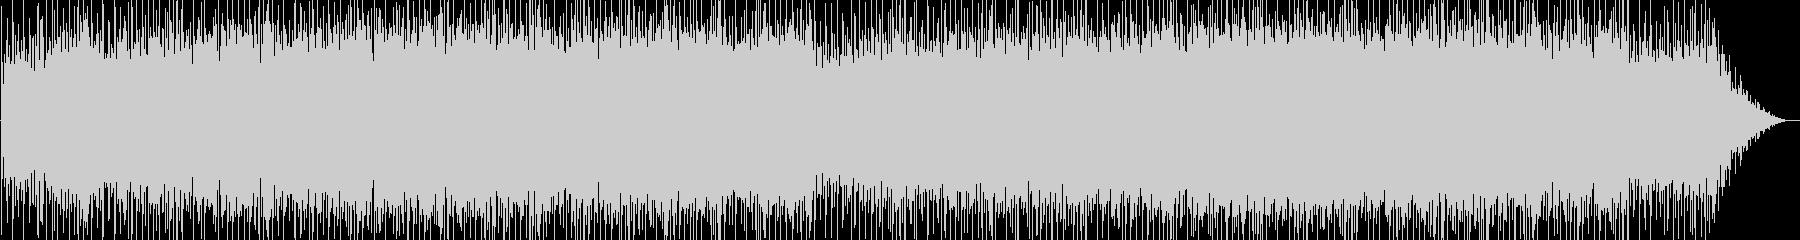 シリアス感のシンセポップテクノ系サウンドの未再生の波形